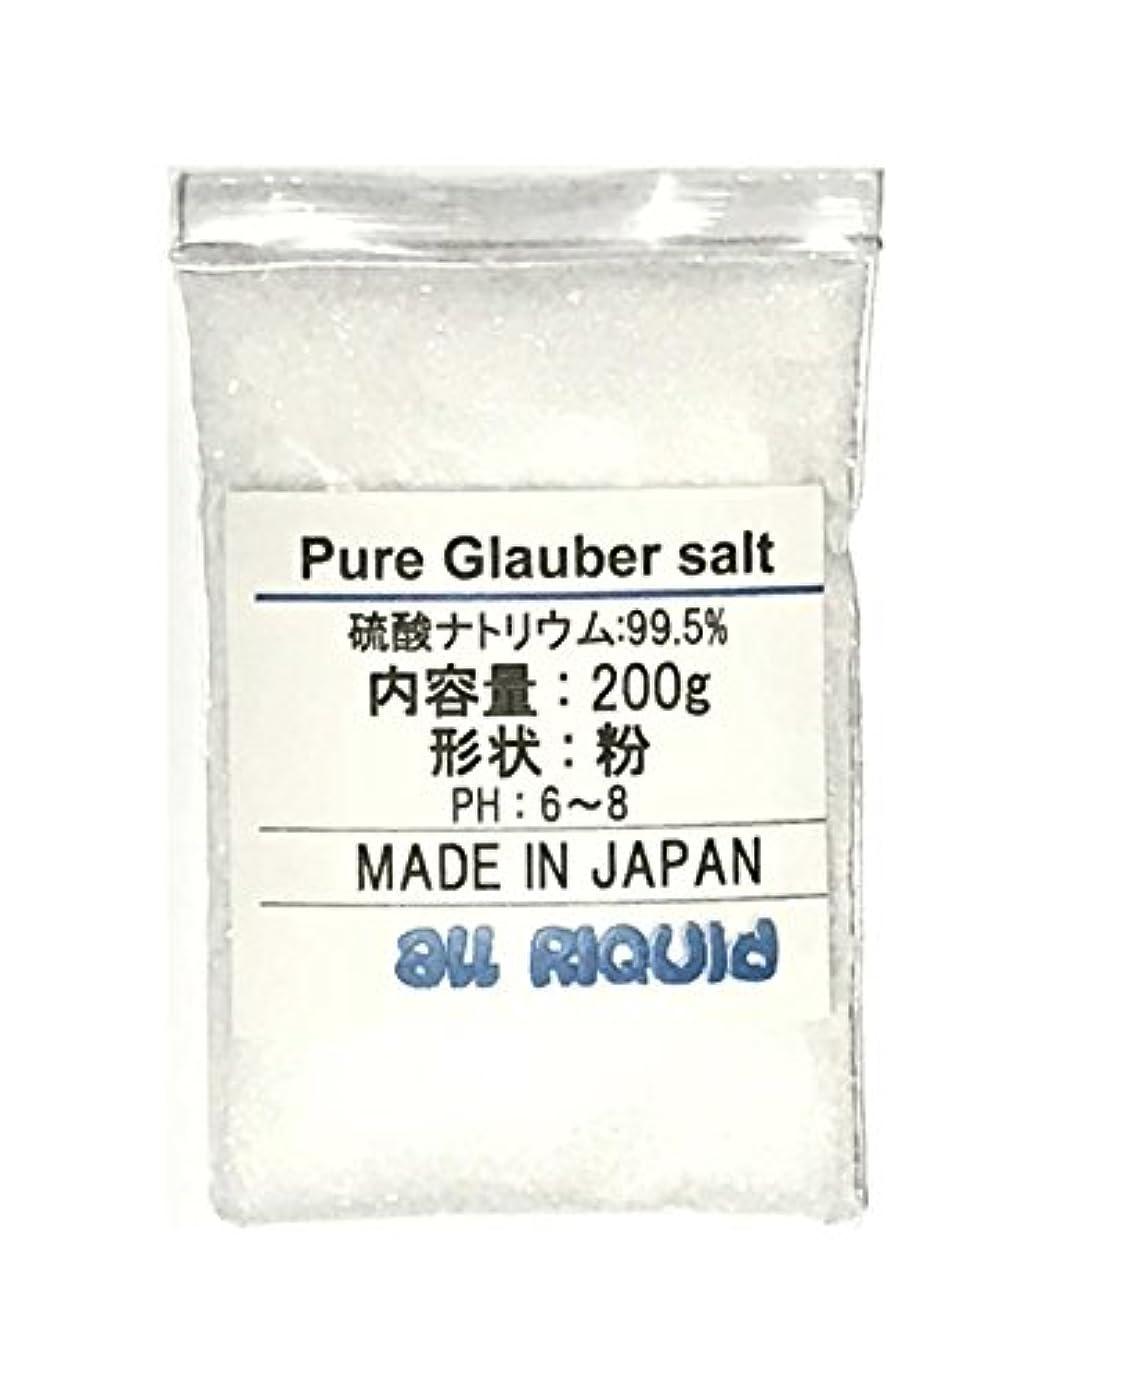 純 グラウバーソルト 200g (硫酸ナトリウム) 10回分 99.5% 国産品 オールリキッド 芒硝